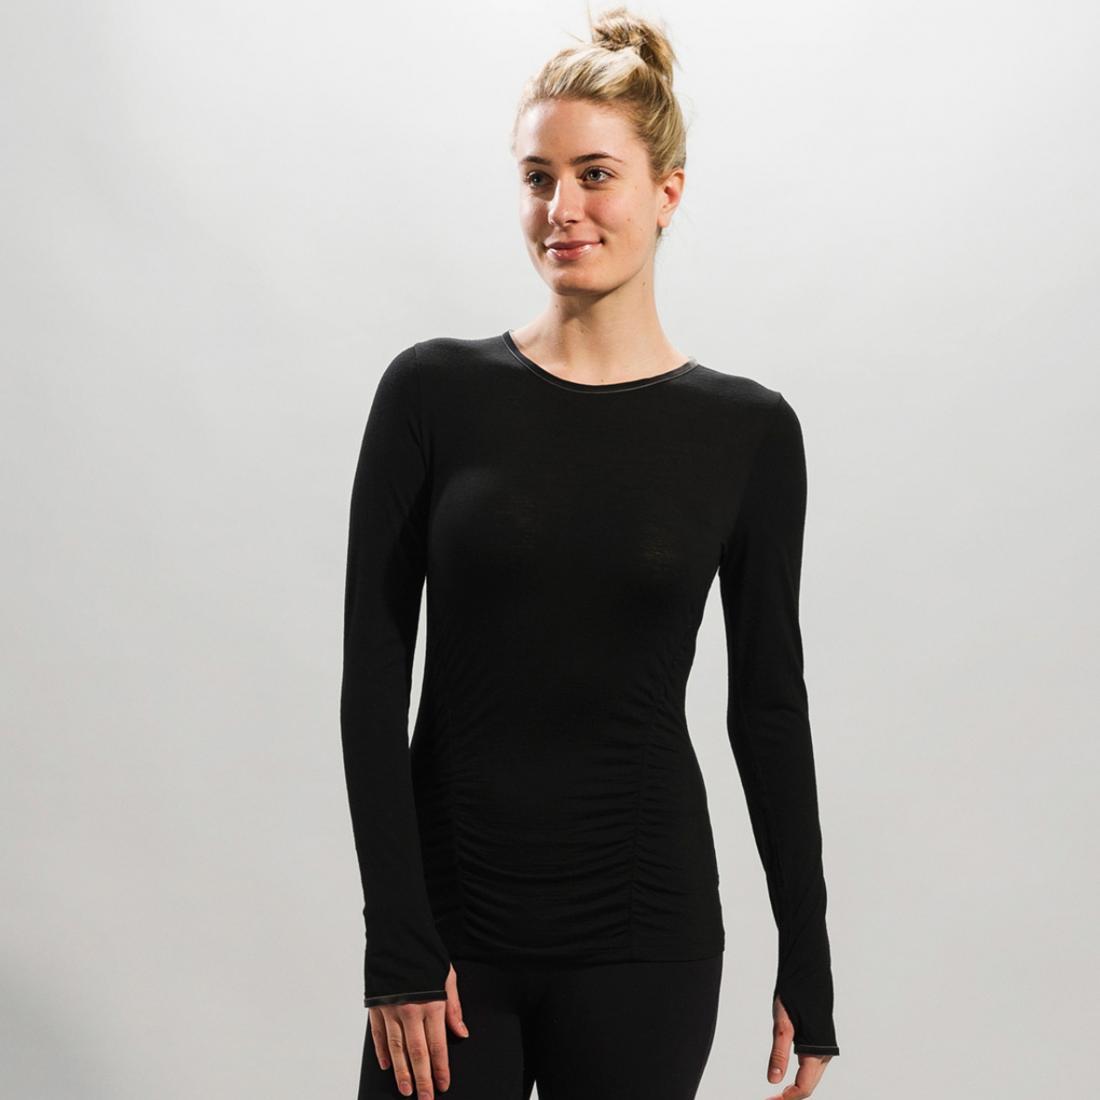 Топ LSW0752 PONDER 2 TOPФутболки, поло<br><br> Топ Ponder 2 Top LSW0752 – практичная футболка для девушек, которую можно использовать в качестве обычного лонгслива и нательного термобелья. Г...<br><br>Цвет: Черный<br>Размер: S